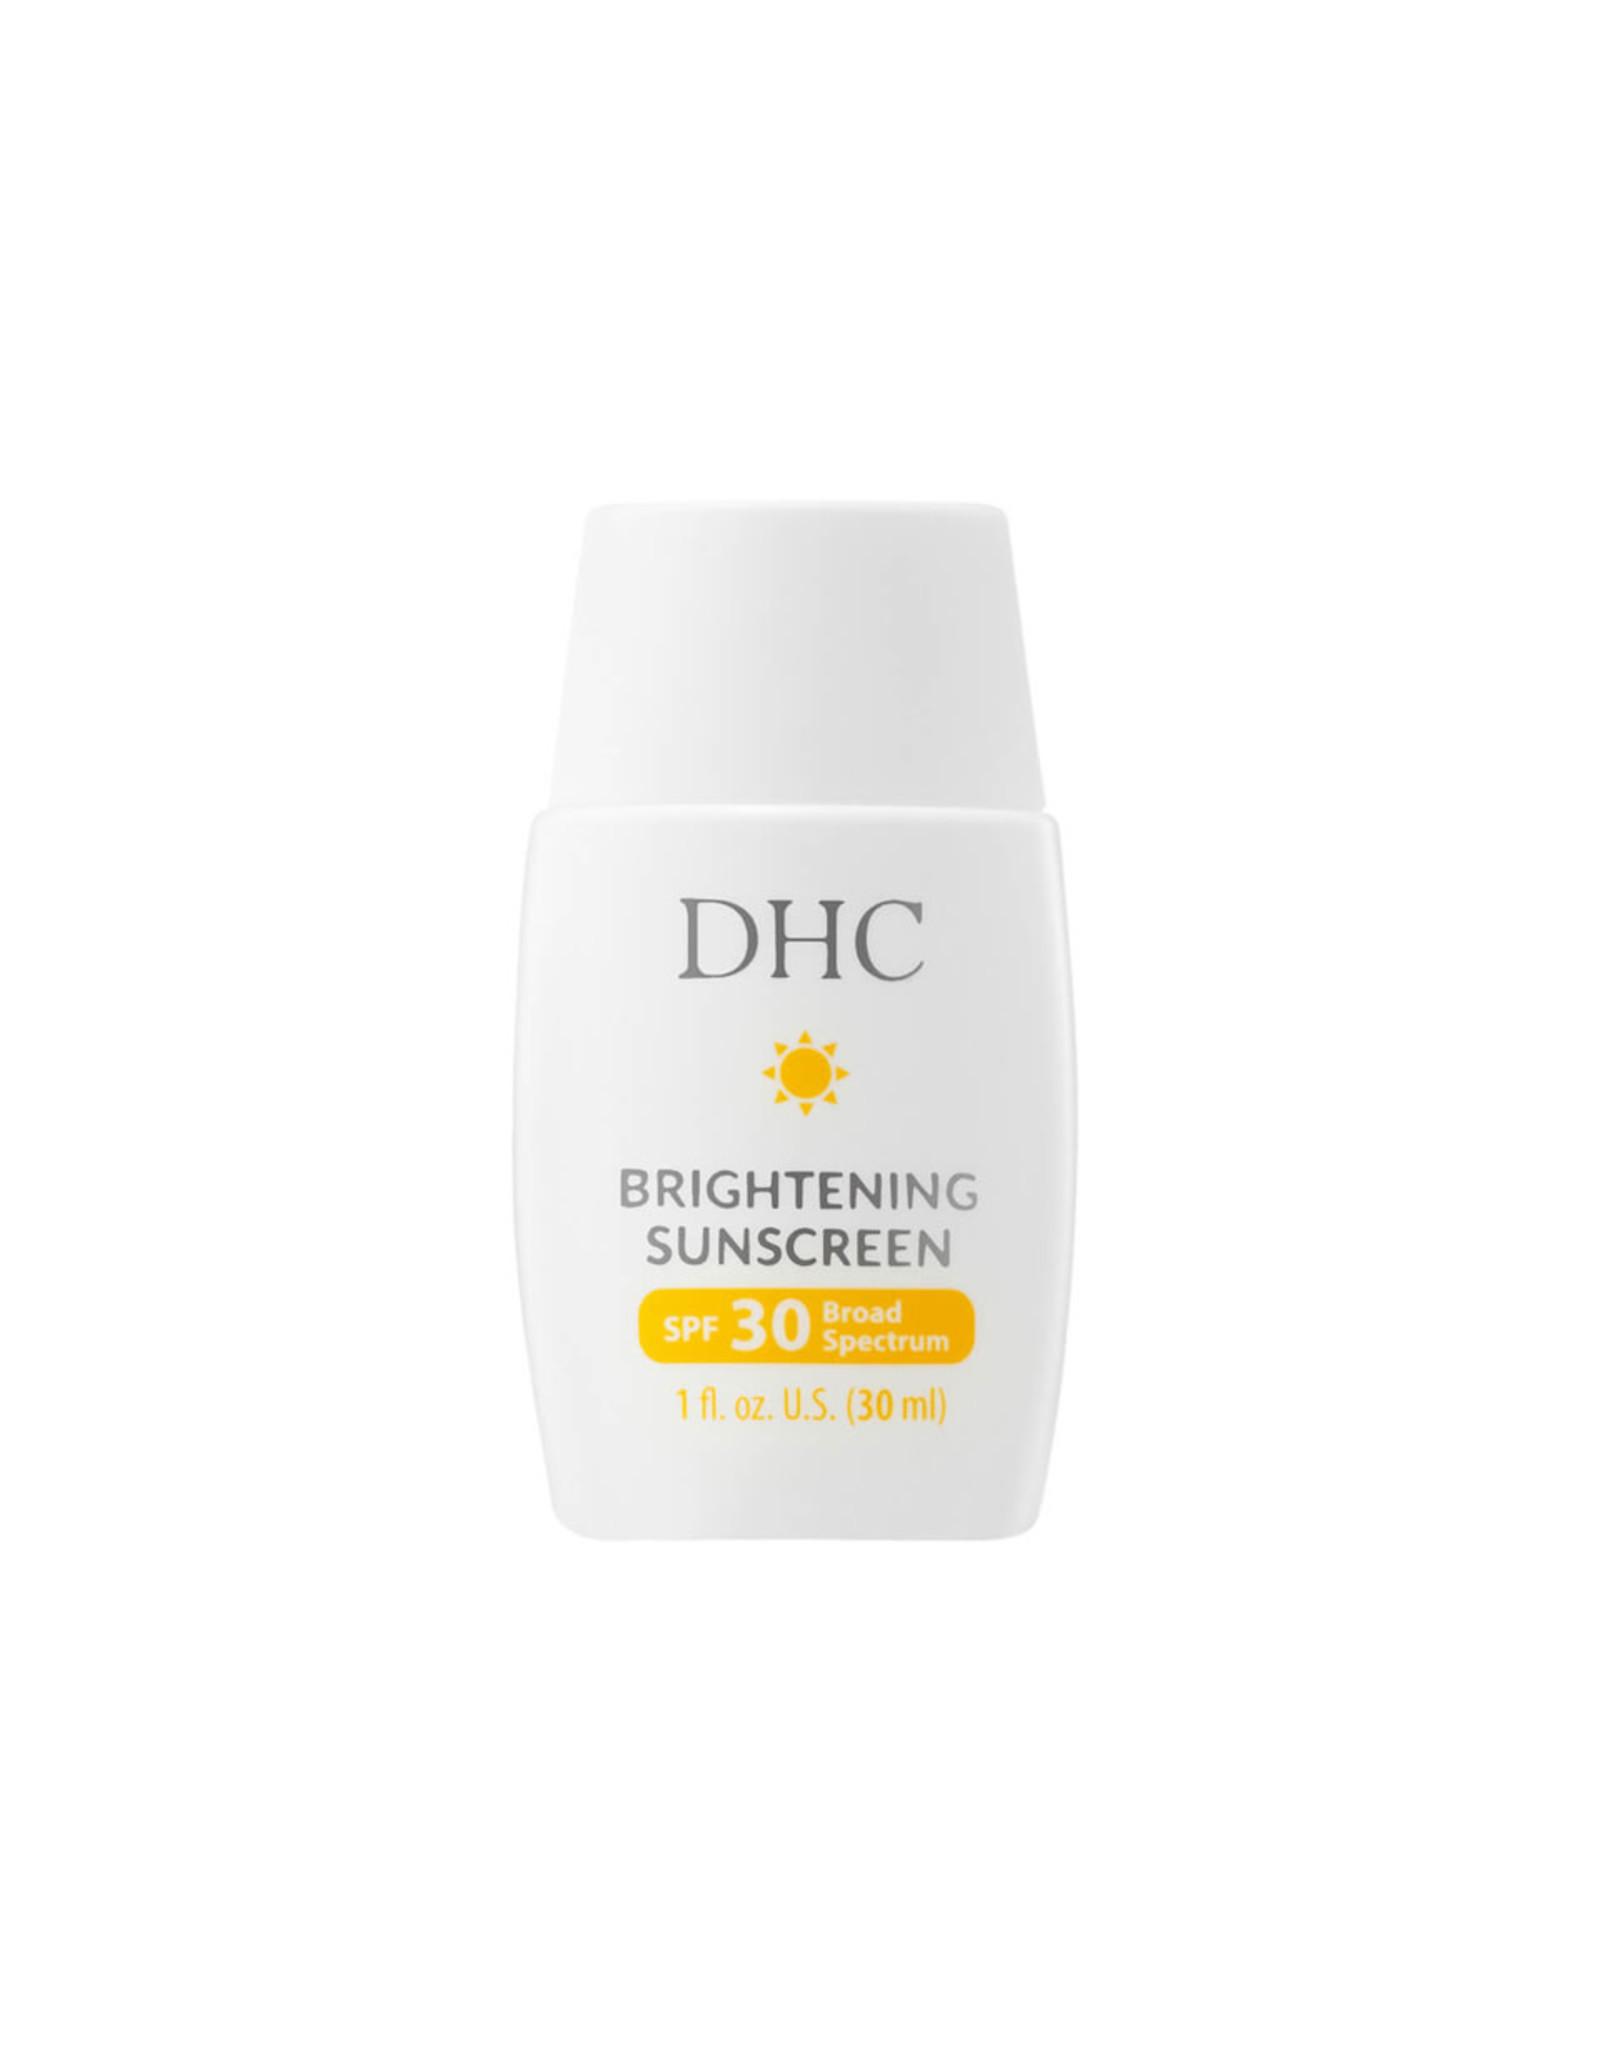 DHC DHC Brightening Sunscreen SPF 30 (1fl. oz.)